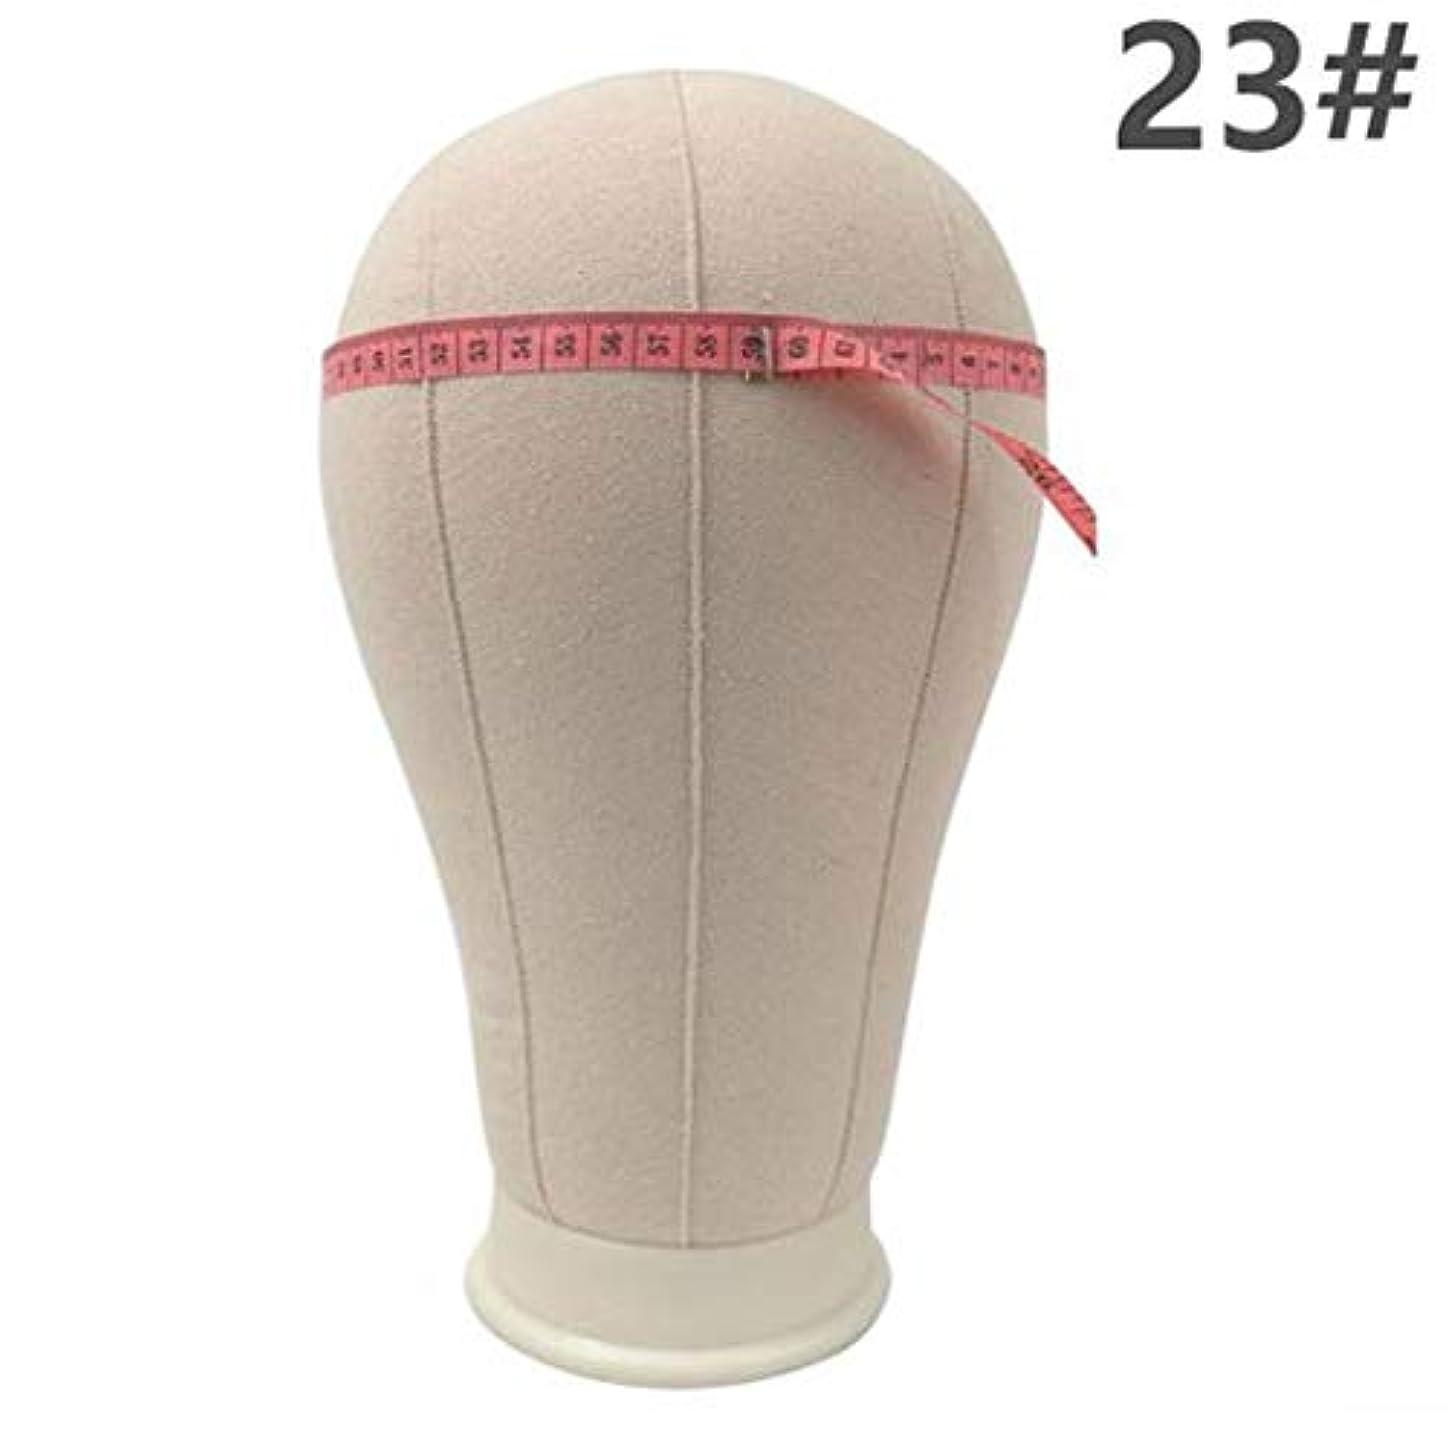 スクリーチ収縮効果ヘッドモールドウィッグブラケット仕上げウィッグ形状ピン止め可能な布布モデルヘッドキャンバスヘッドモデルヘッドウィッグ配置,C